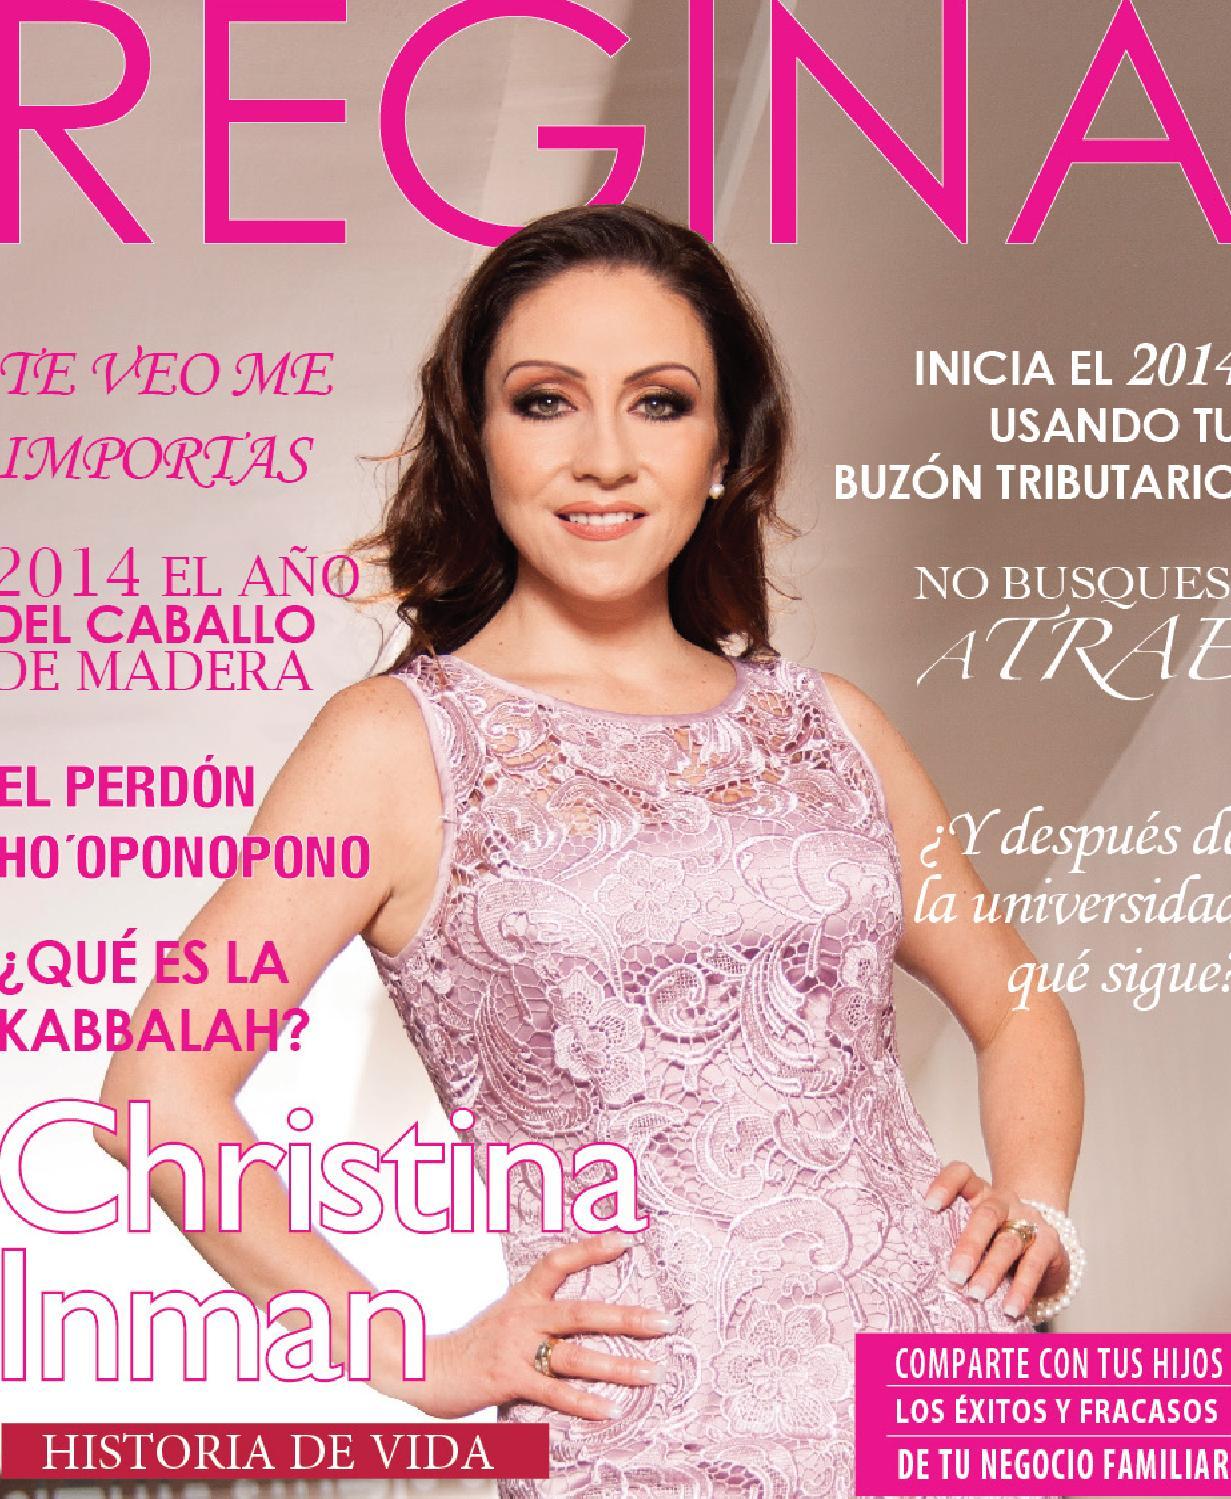 Regina Enero 2014 by Revista Regina - issuu